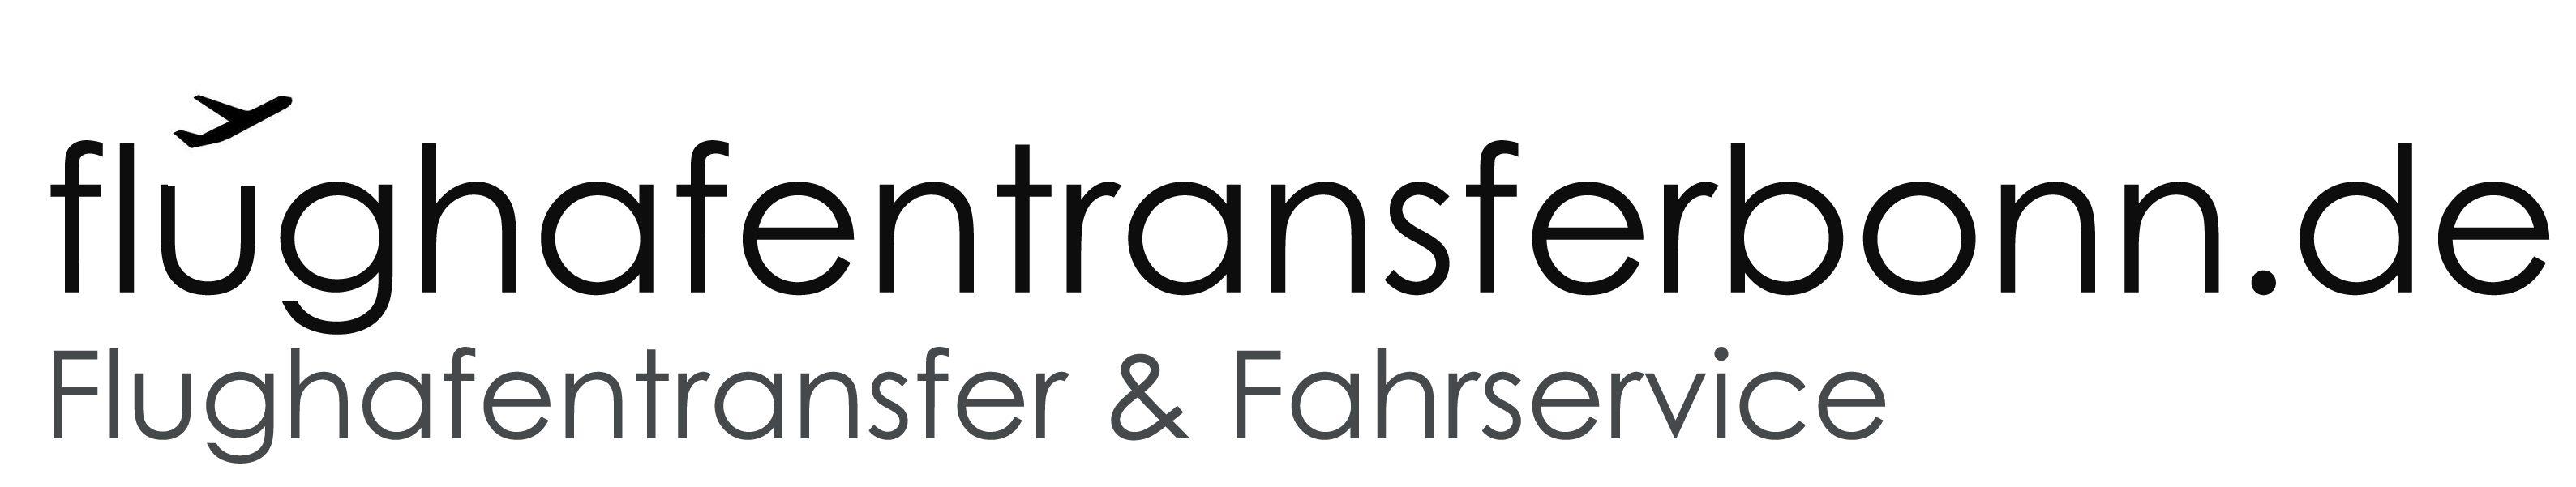 flughafentransferbonn.de